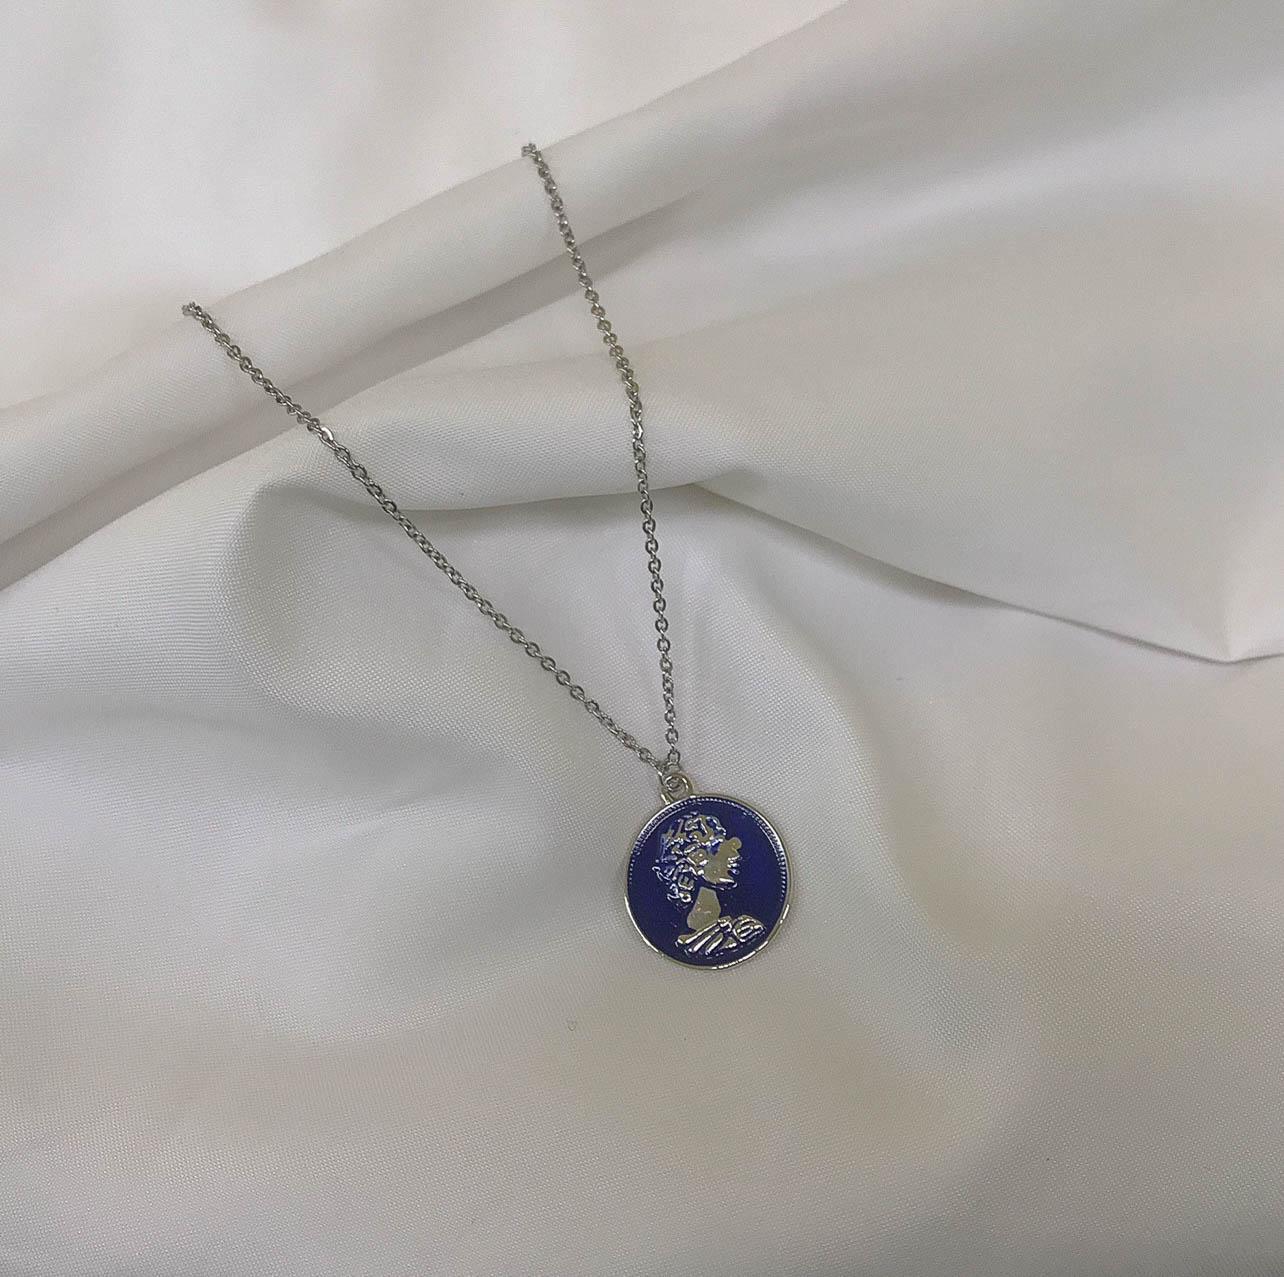 Antique blue blue blue - 문라이츠, 15,000원, 실버, 펜던트목걸이